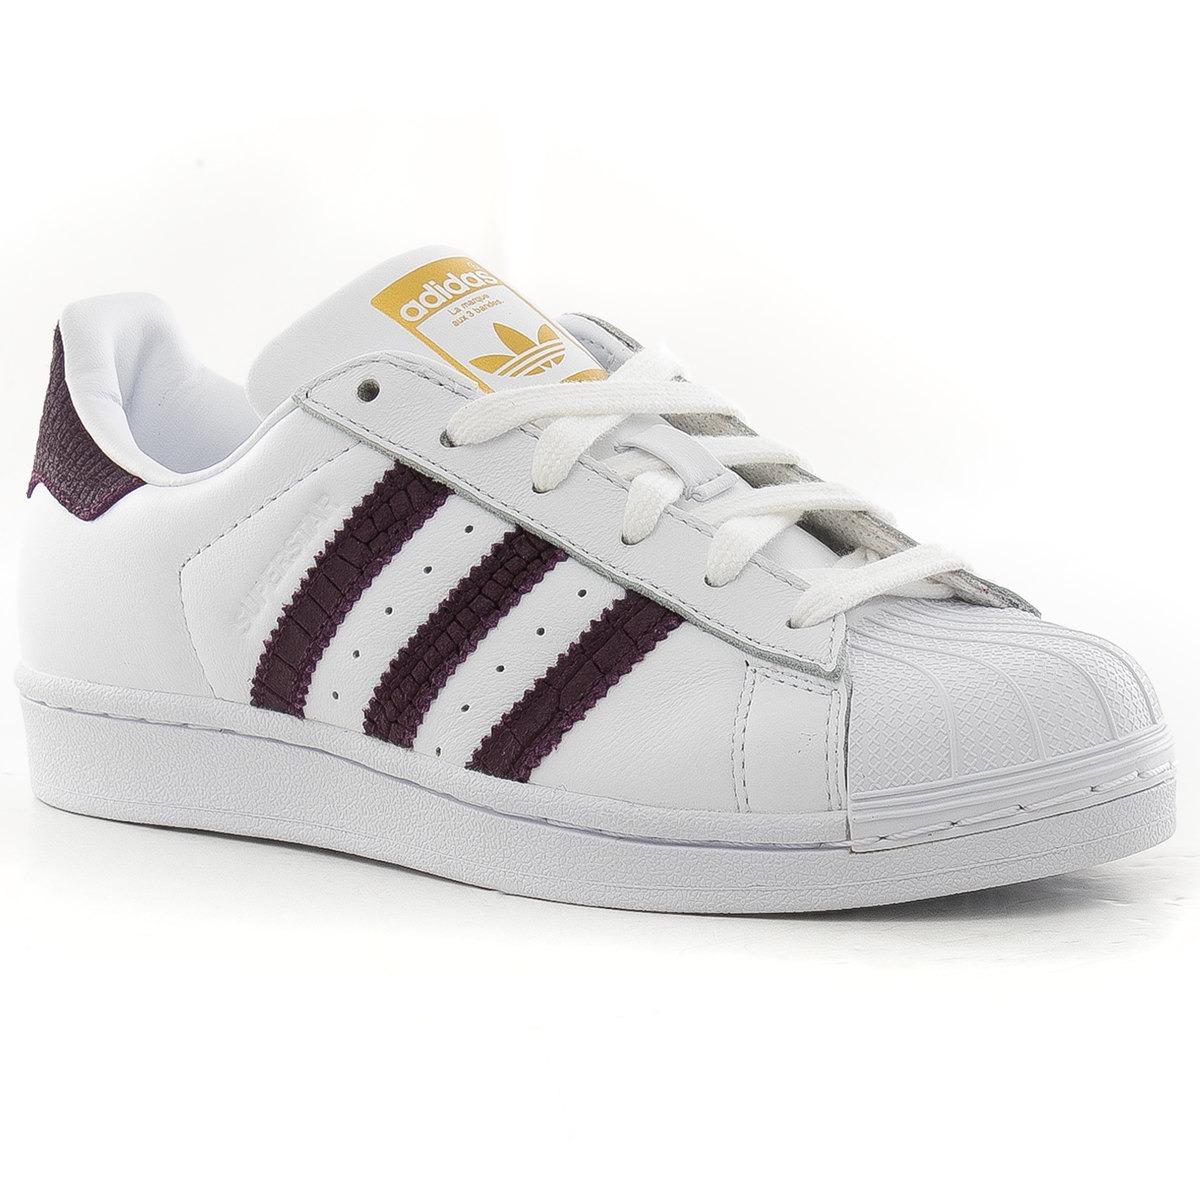 best sneakers 1d34d 2f1e5 zapatillas superstar blanca adidas originals tienda oficial. Cargando zoom.